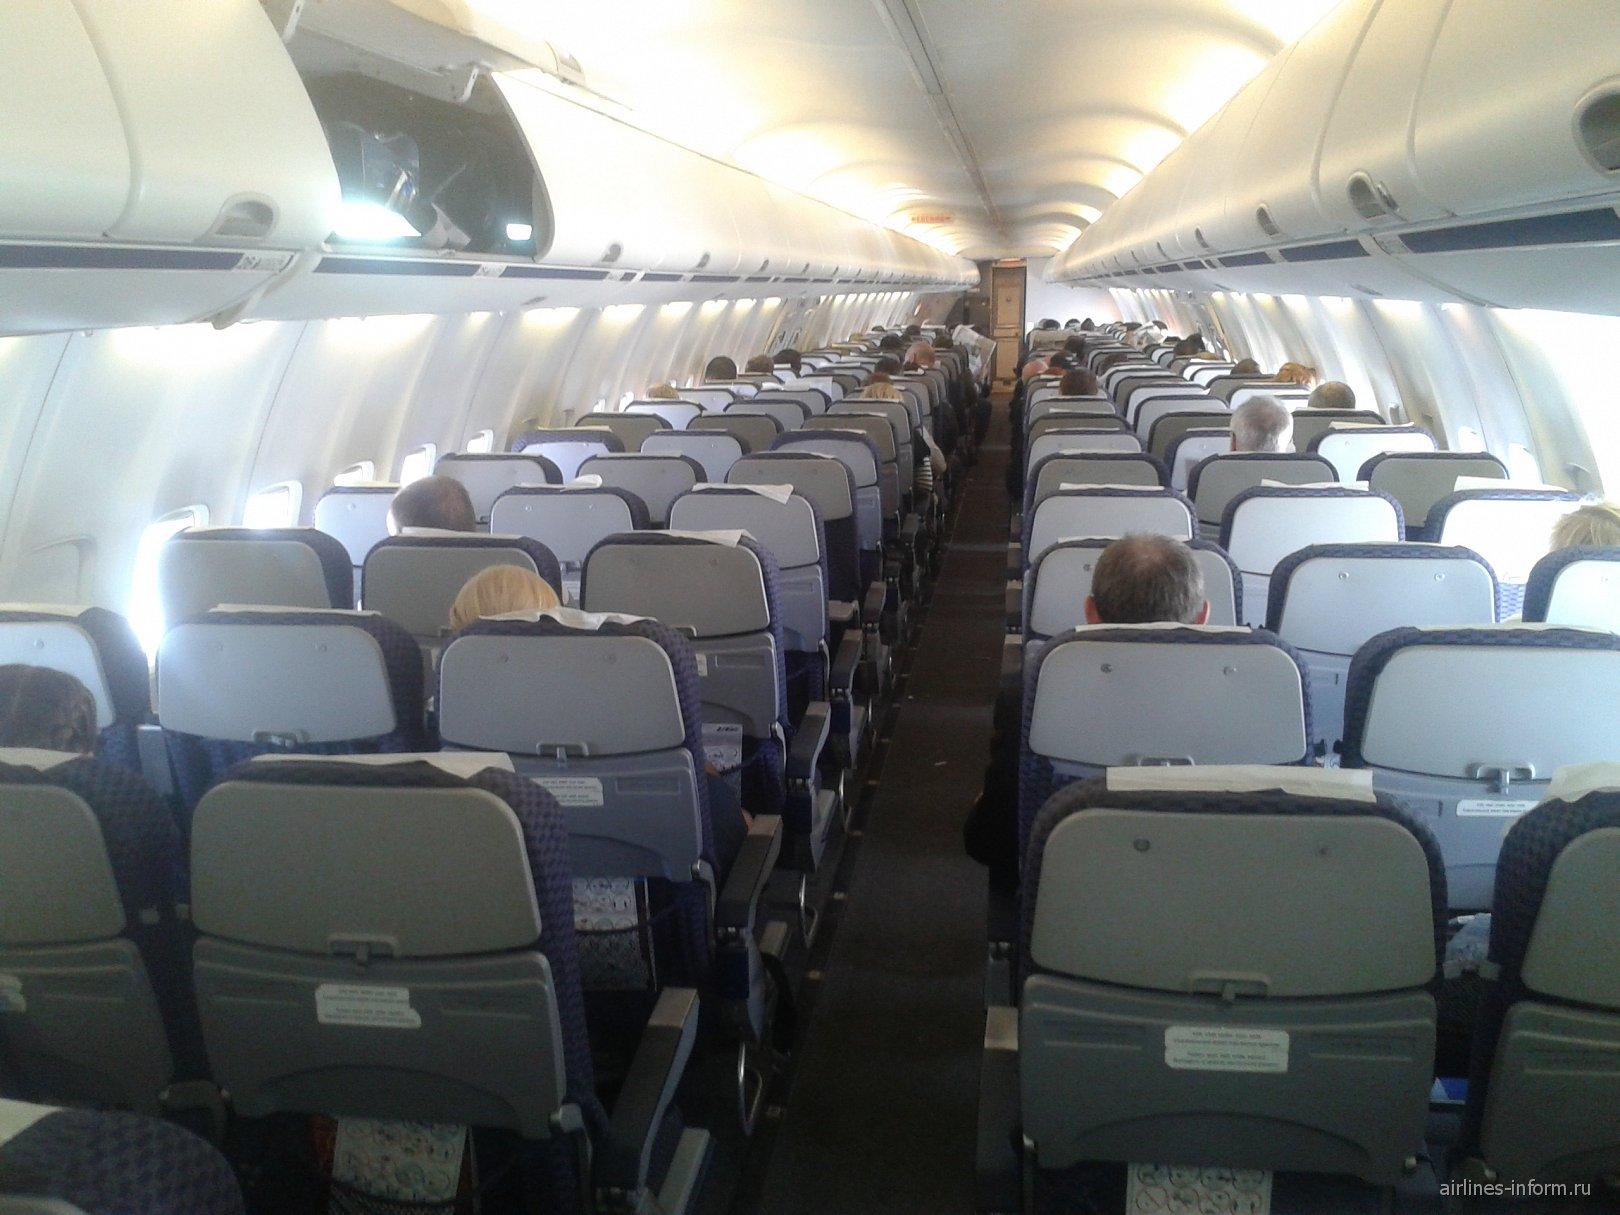 Салон самолета Боинг-737-800 VQ-BJG авиакомпании ЮТэйр